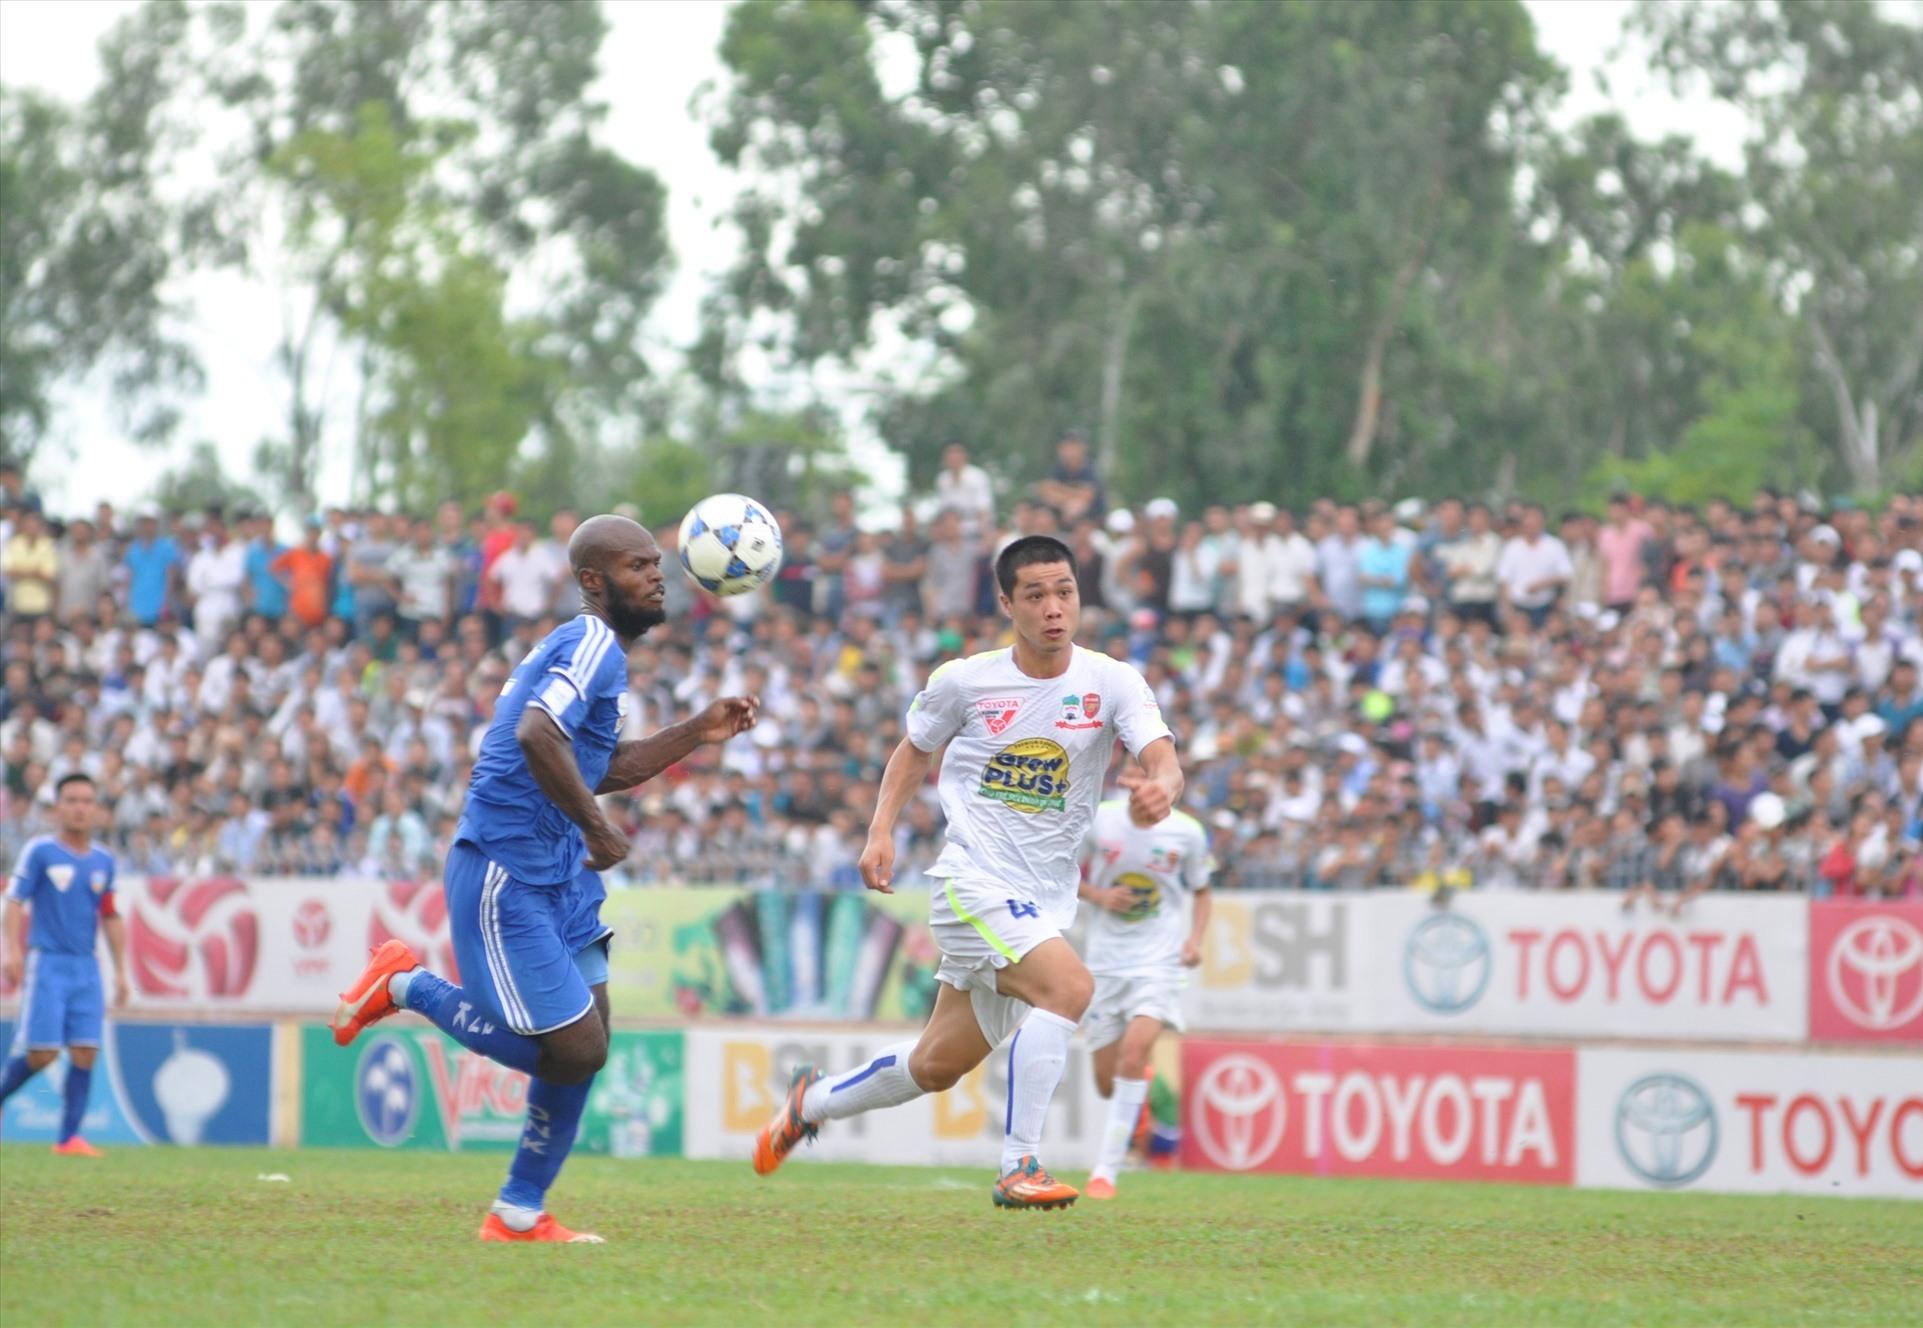 Trung vệ Hoàng Vissai (áo xanh) trở lại trong màu áo Quảng Nam là tin vui cho đội bóng khi mà hàng phòng ngự bị sứt mẻ do chấn thương. Ảnh: A.N